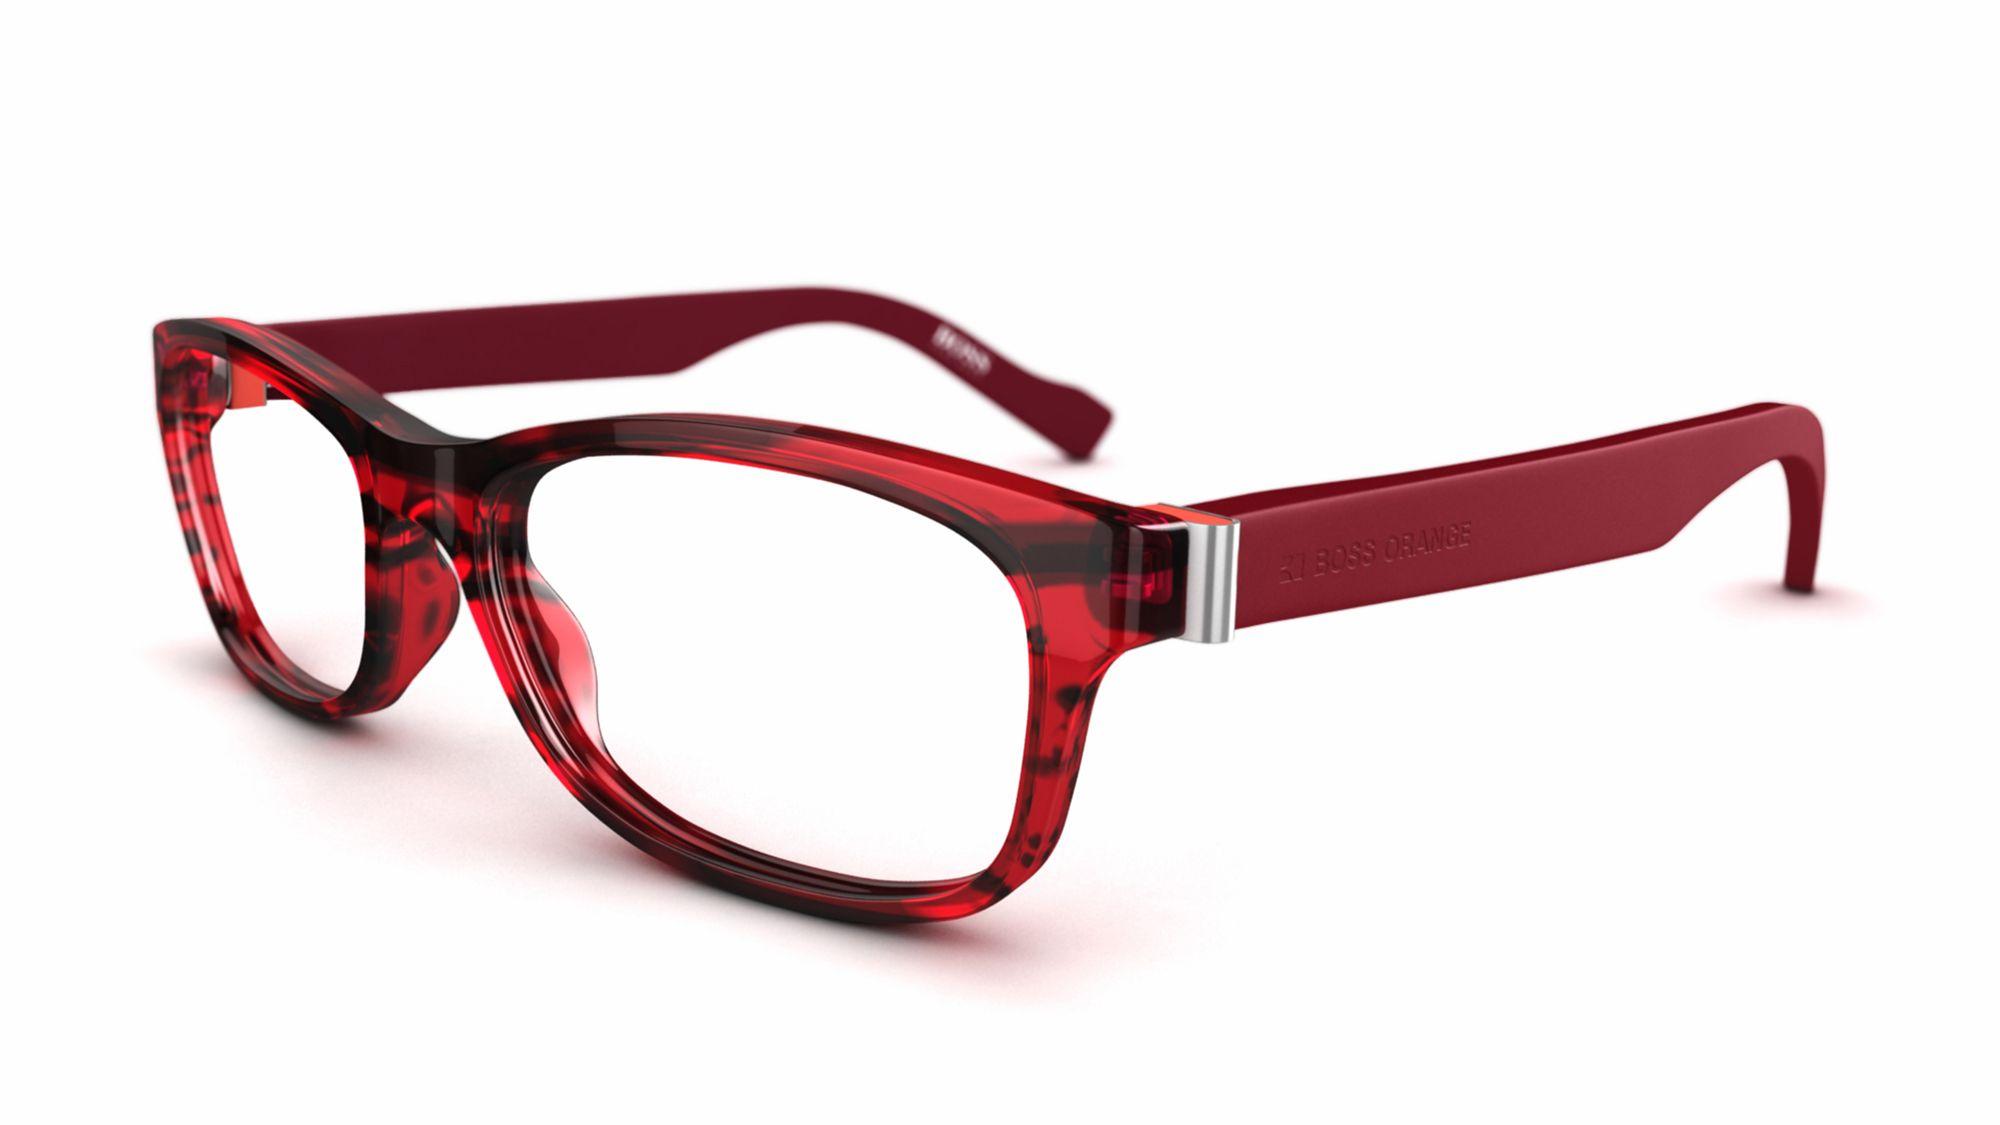 price reduced new styles presenting BOSS Orange glasses - BO 0147 $299 | Glasses, Womens glasses ...